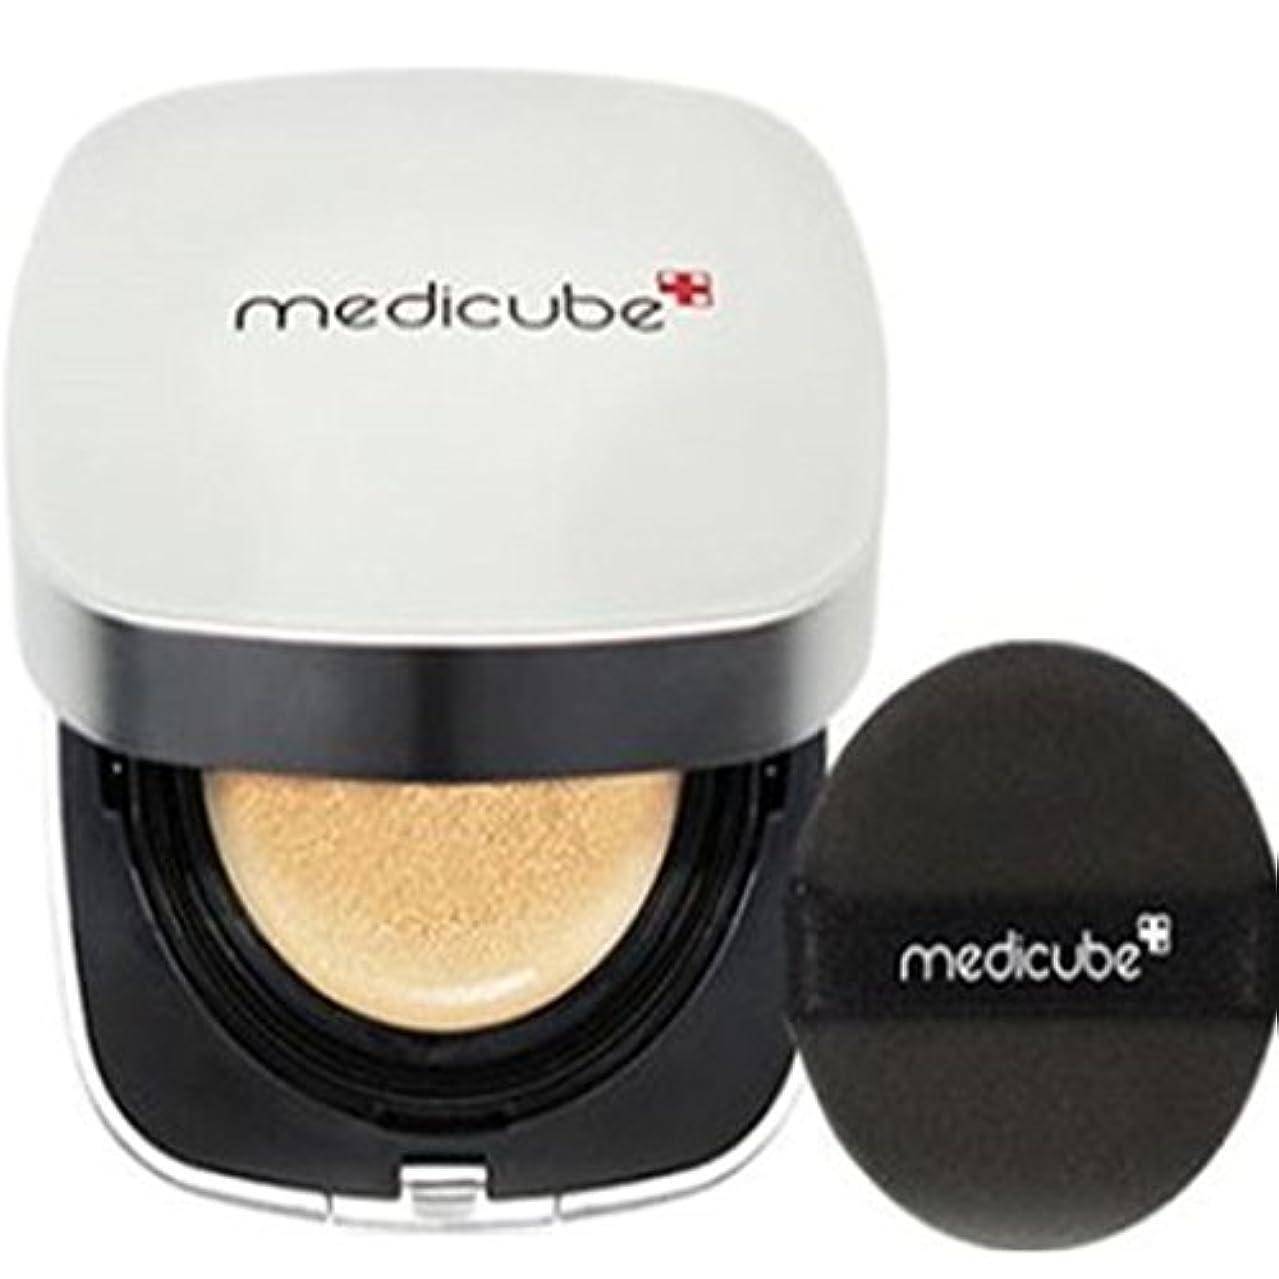 三十セマフォ大脳[Medicube メディキューブ] レッドクッション - シェード21号ライトベージュ / Red Cushion - Shade 21 Light Beige [並行輸入品]